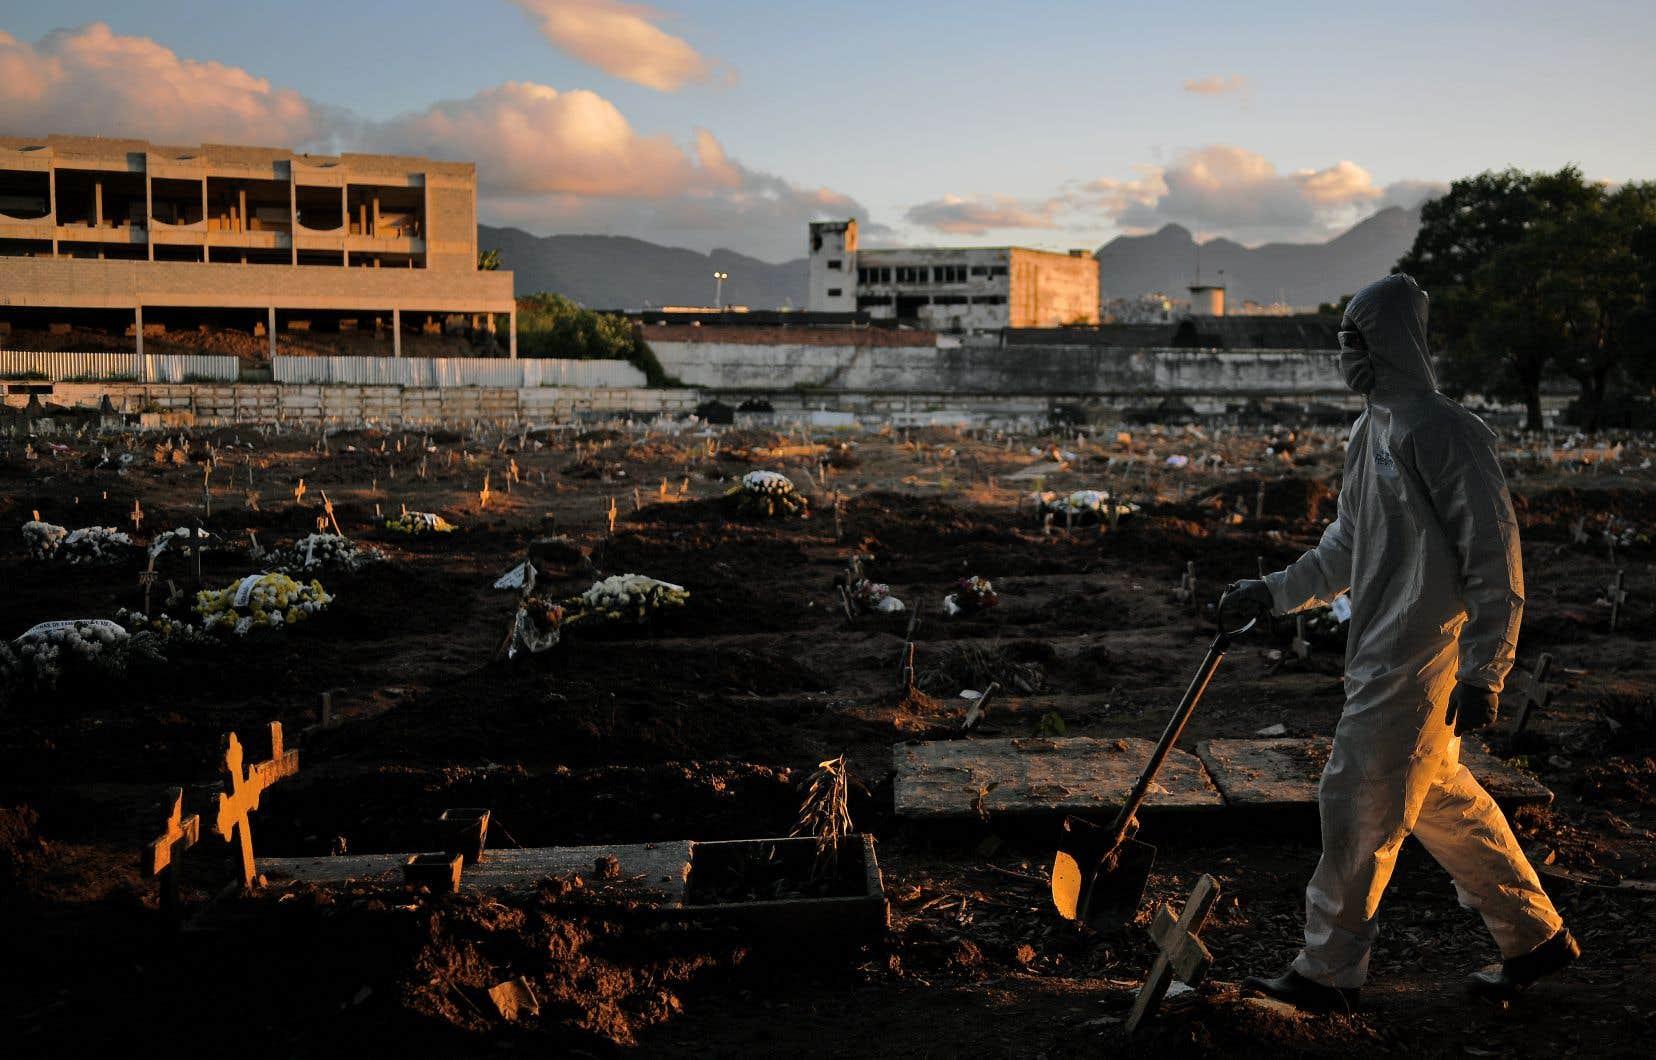 La courbe de la pandémie est loin d'être contrôlée au Brésil, où la moyenne des décès sur sept jours glissants demeure supérieure à 1000 depuis plus d'un mois, avec de grandes disparités régionales.